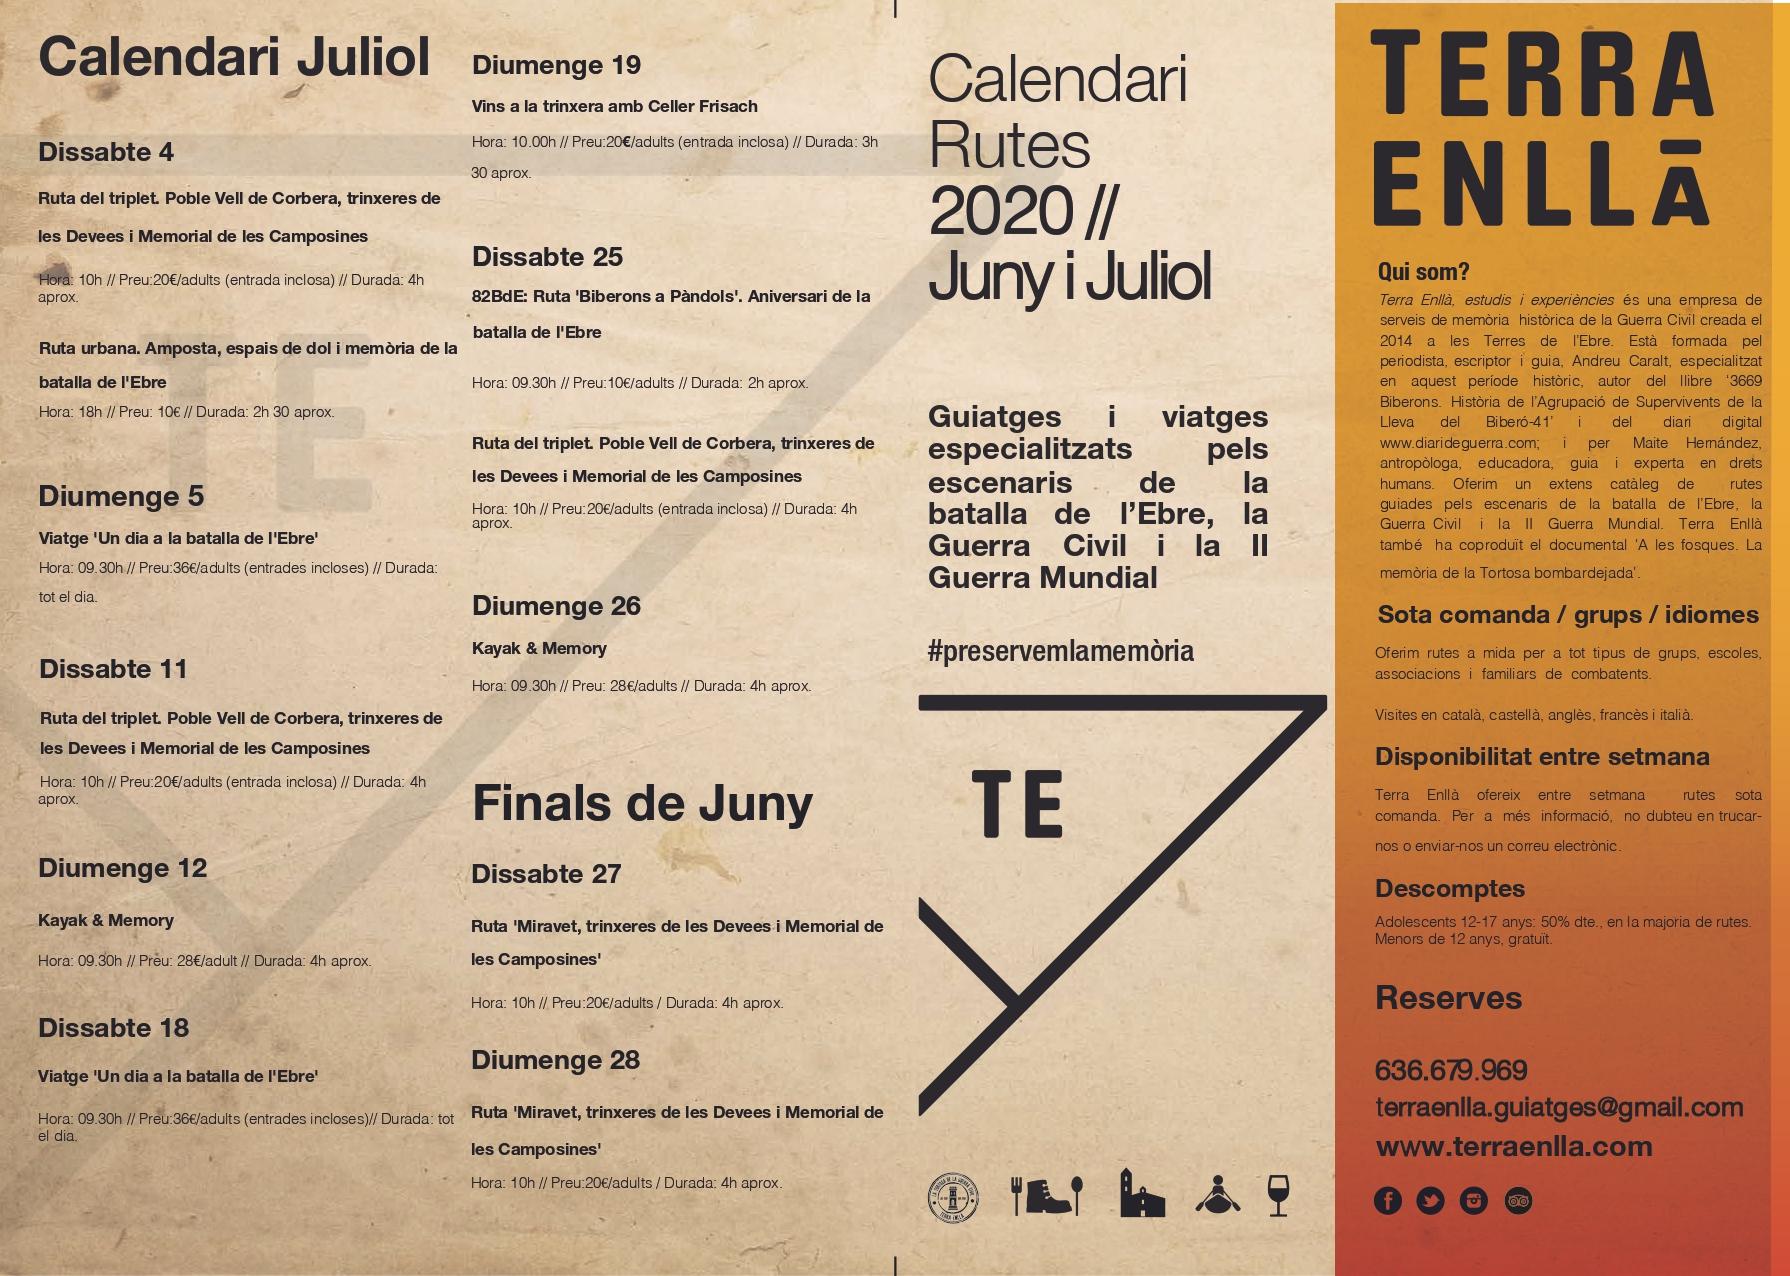 Terra Enllà. Calendari Juliol 2020. Rutes i activitats pels espais de la batalla de l'Ebre